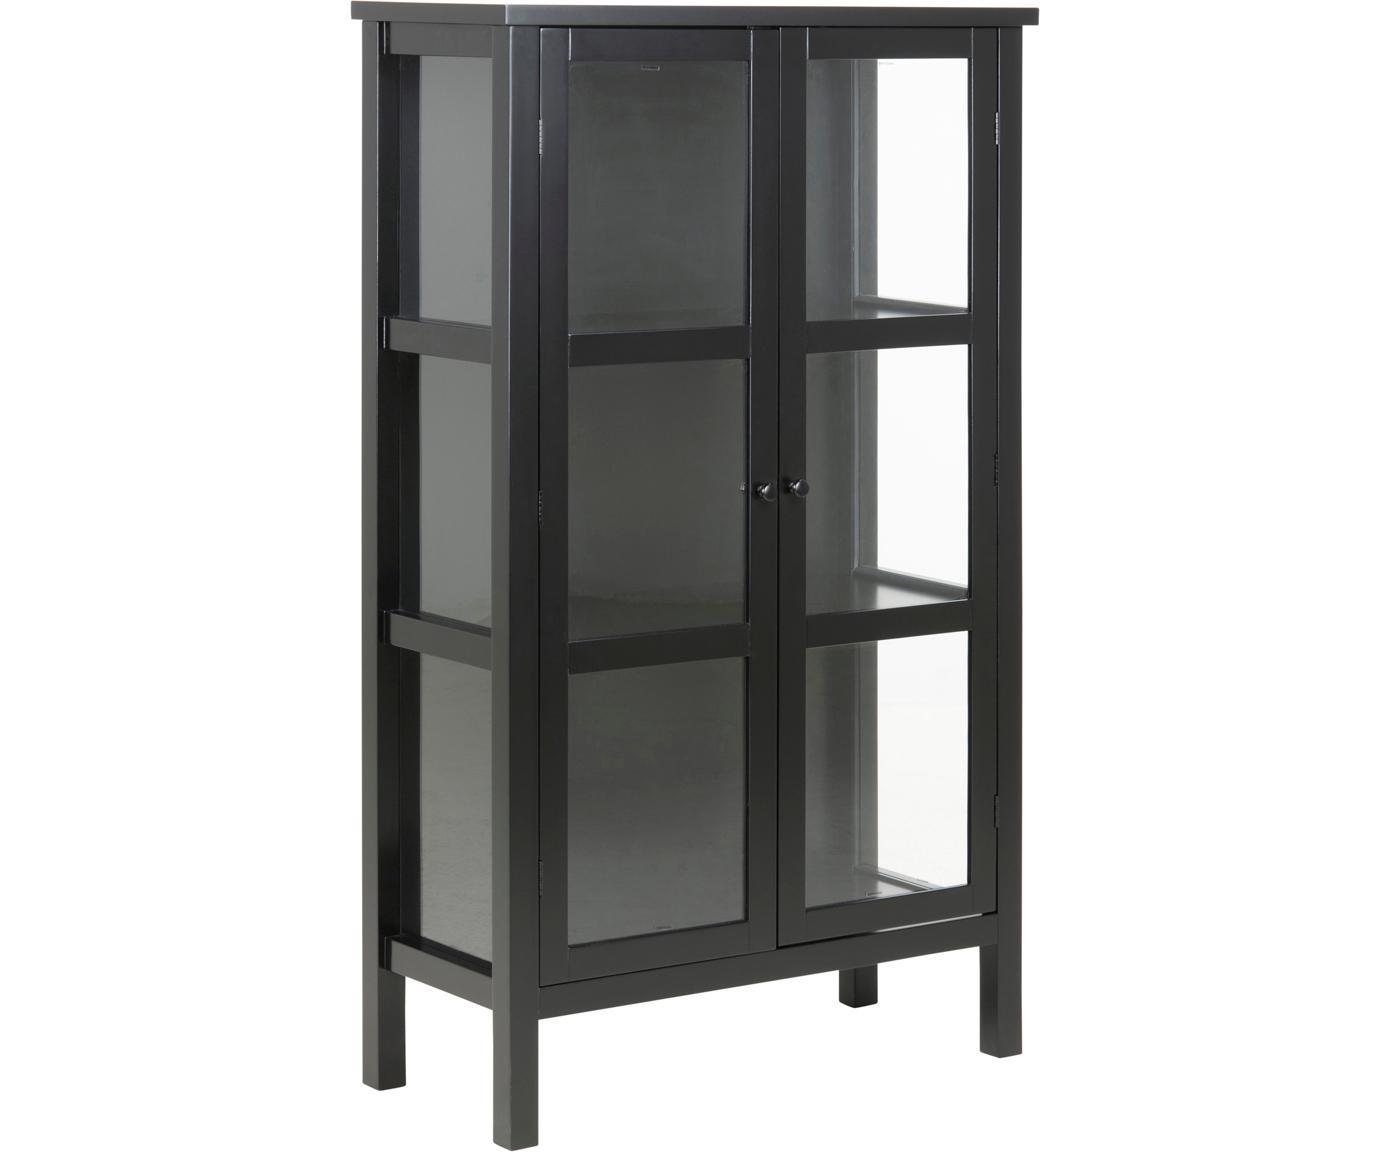 Vetrina con struttura in legno Eton, Fibra di media densità (MDF), vetro, Nero, Larg. 80 x Alt. 137 cm